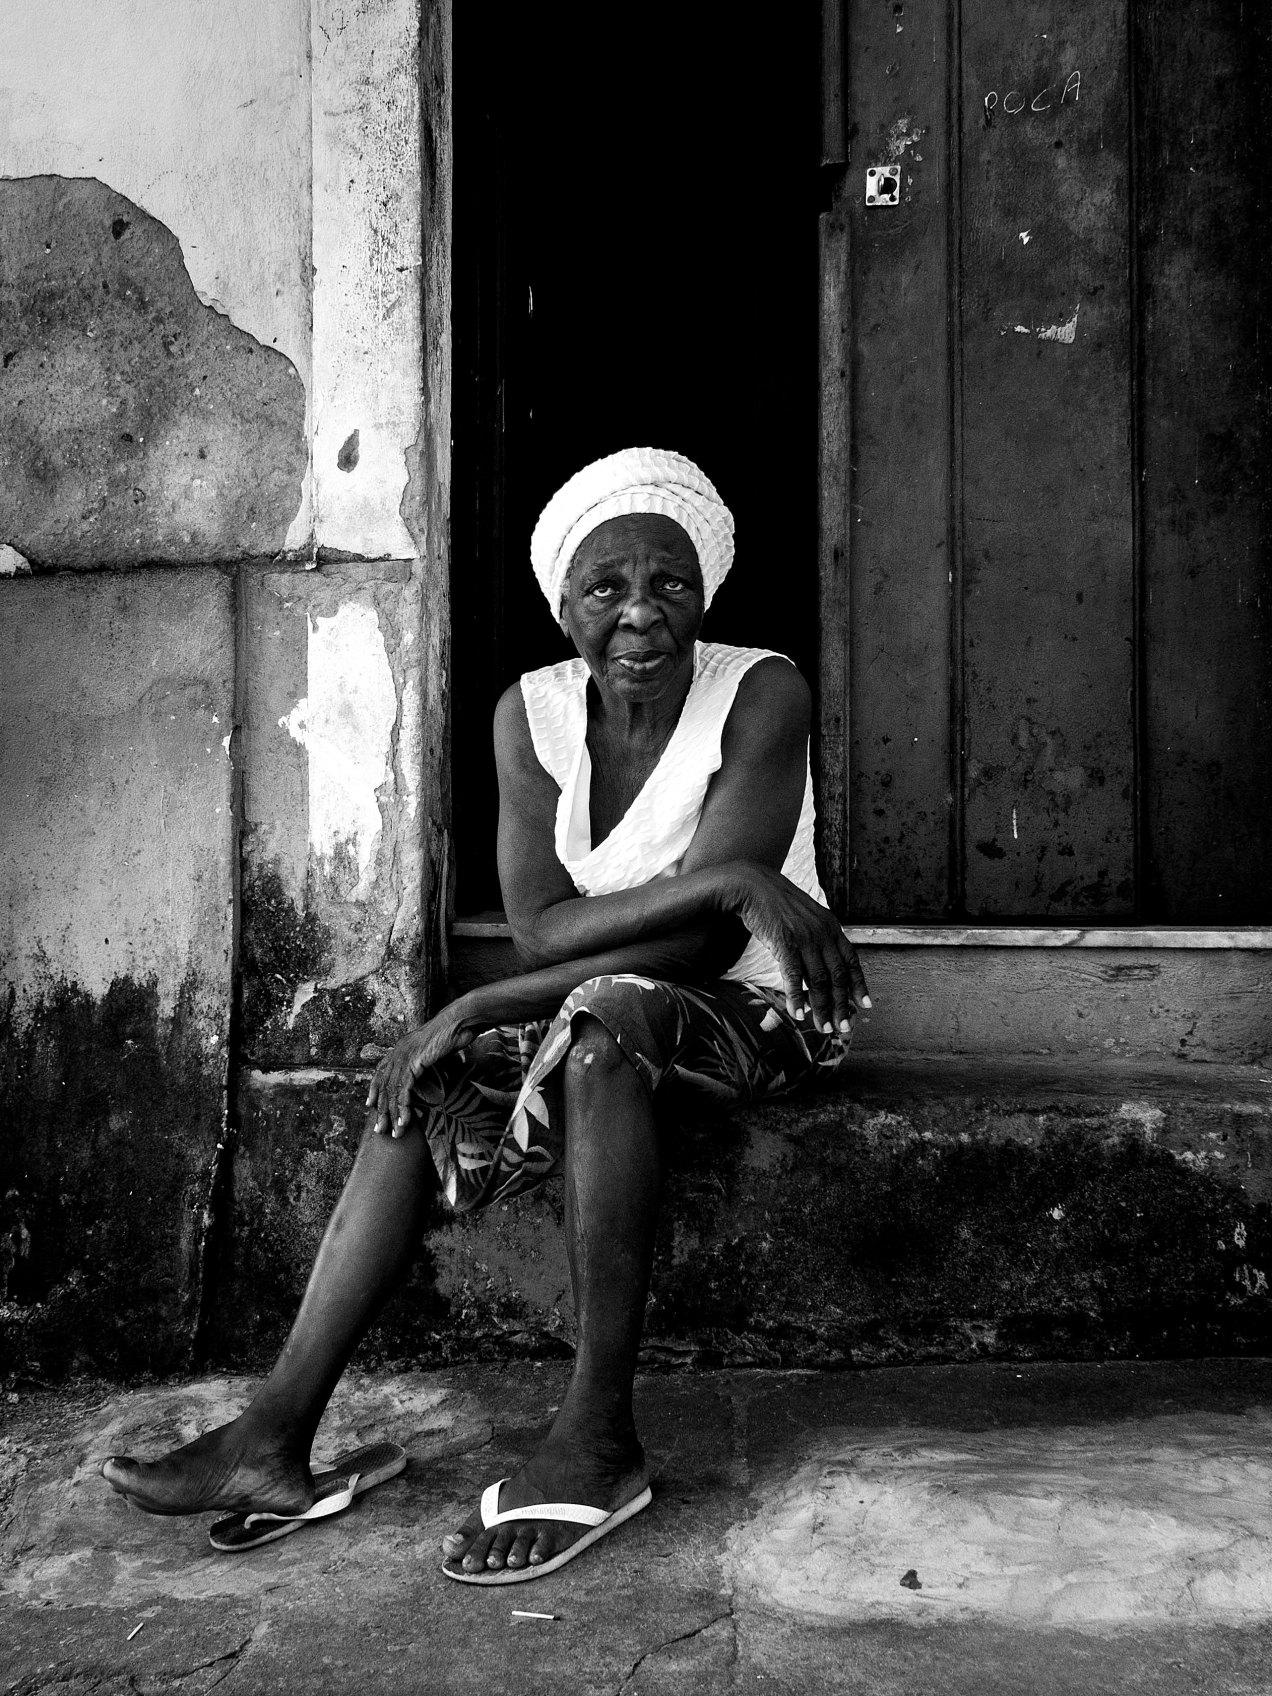 La vieillesse, Bahia, gildalliere, 2012